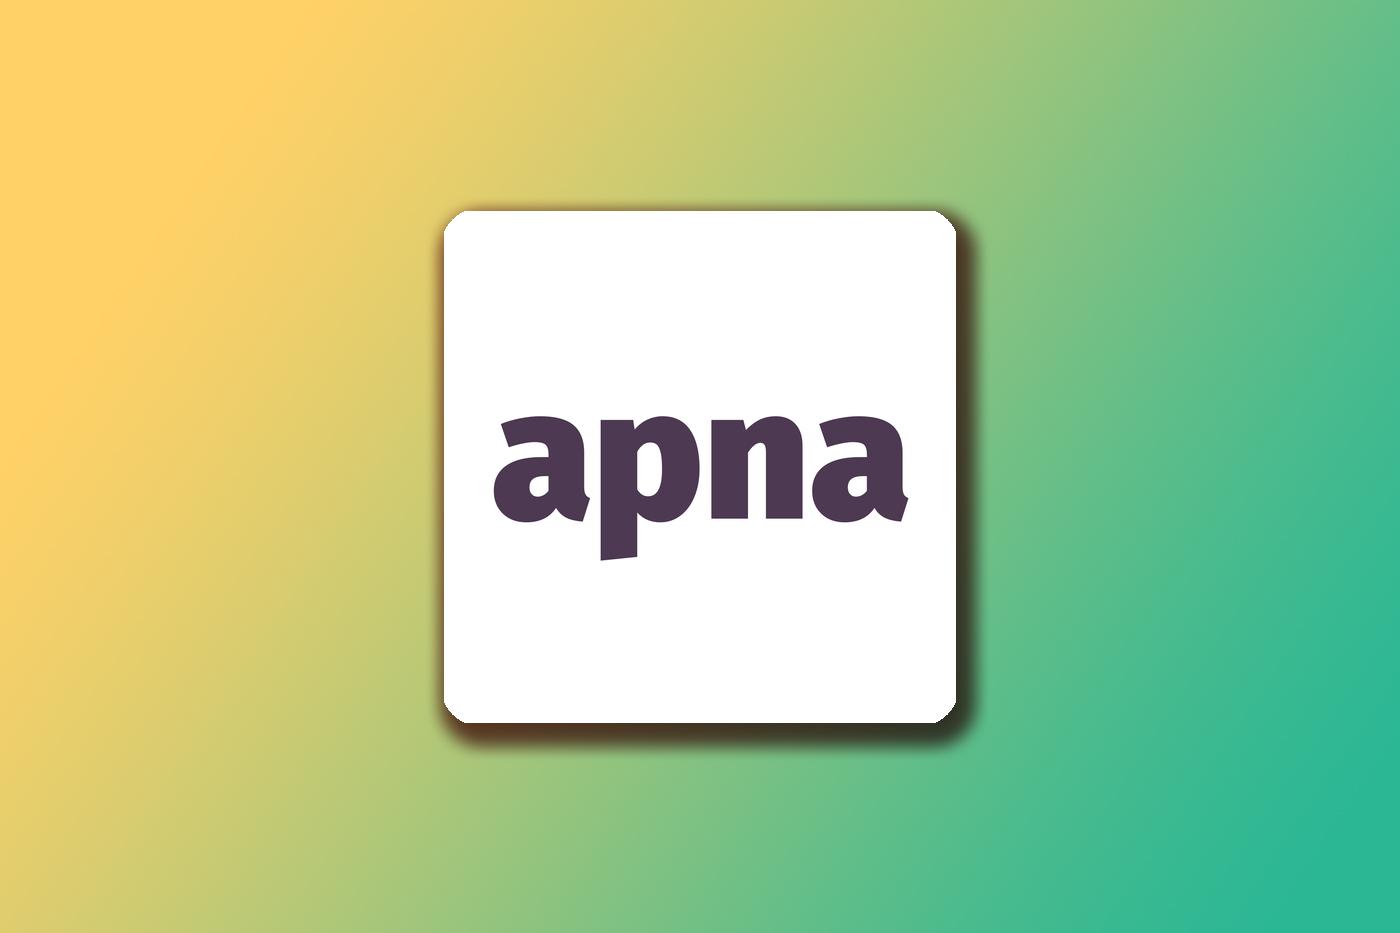 Apna Logo Mockup